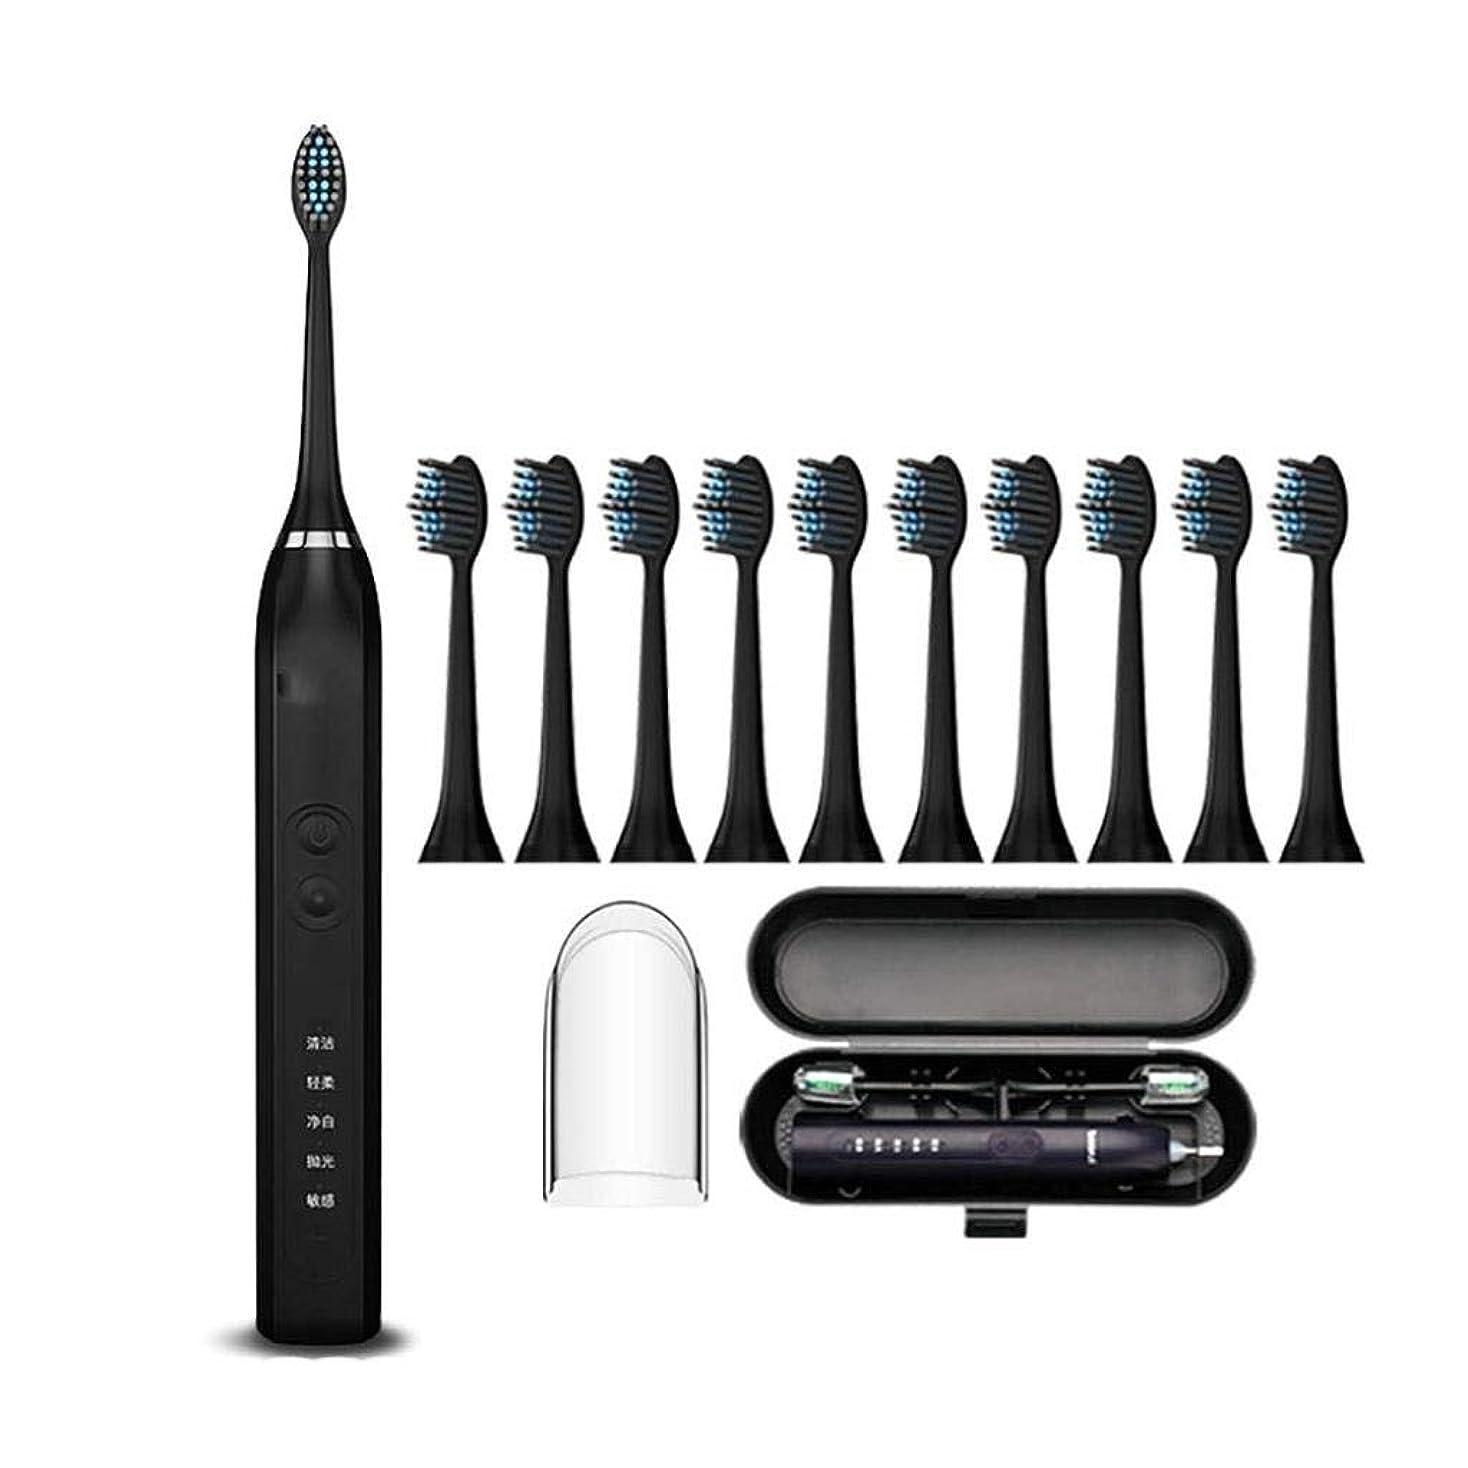 キャンバスアグネスグレイ結核電動歯ブラシ、きれいな歯、ホワイトニング、マルチモードオプション、4時間充電、最短25日間の使用、10代および成人モデルに最適、5または10個の交換用ヘッド、滑り止めハンドル (Color : Black, Size : 10 brush heads)